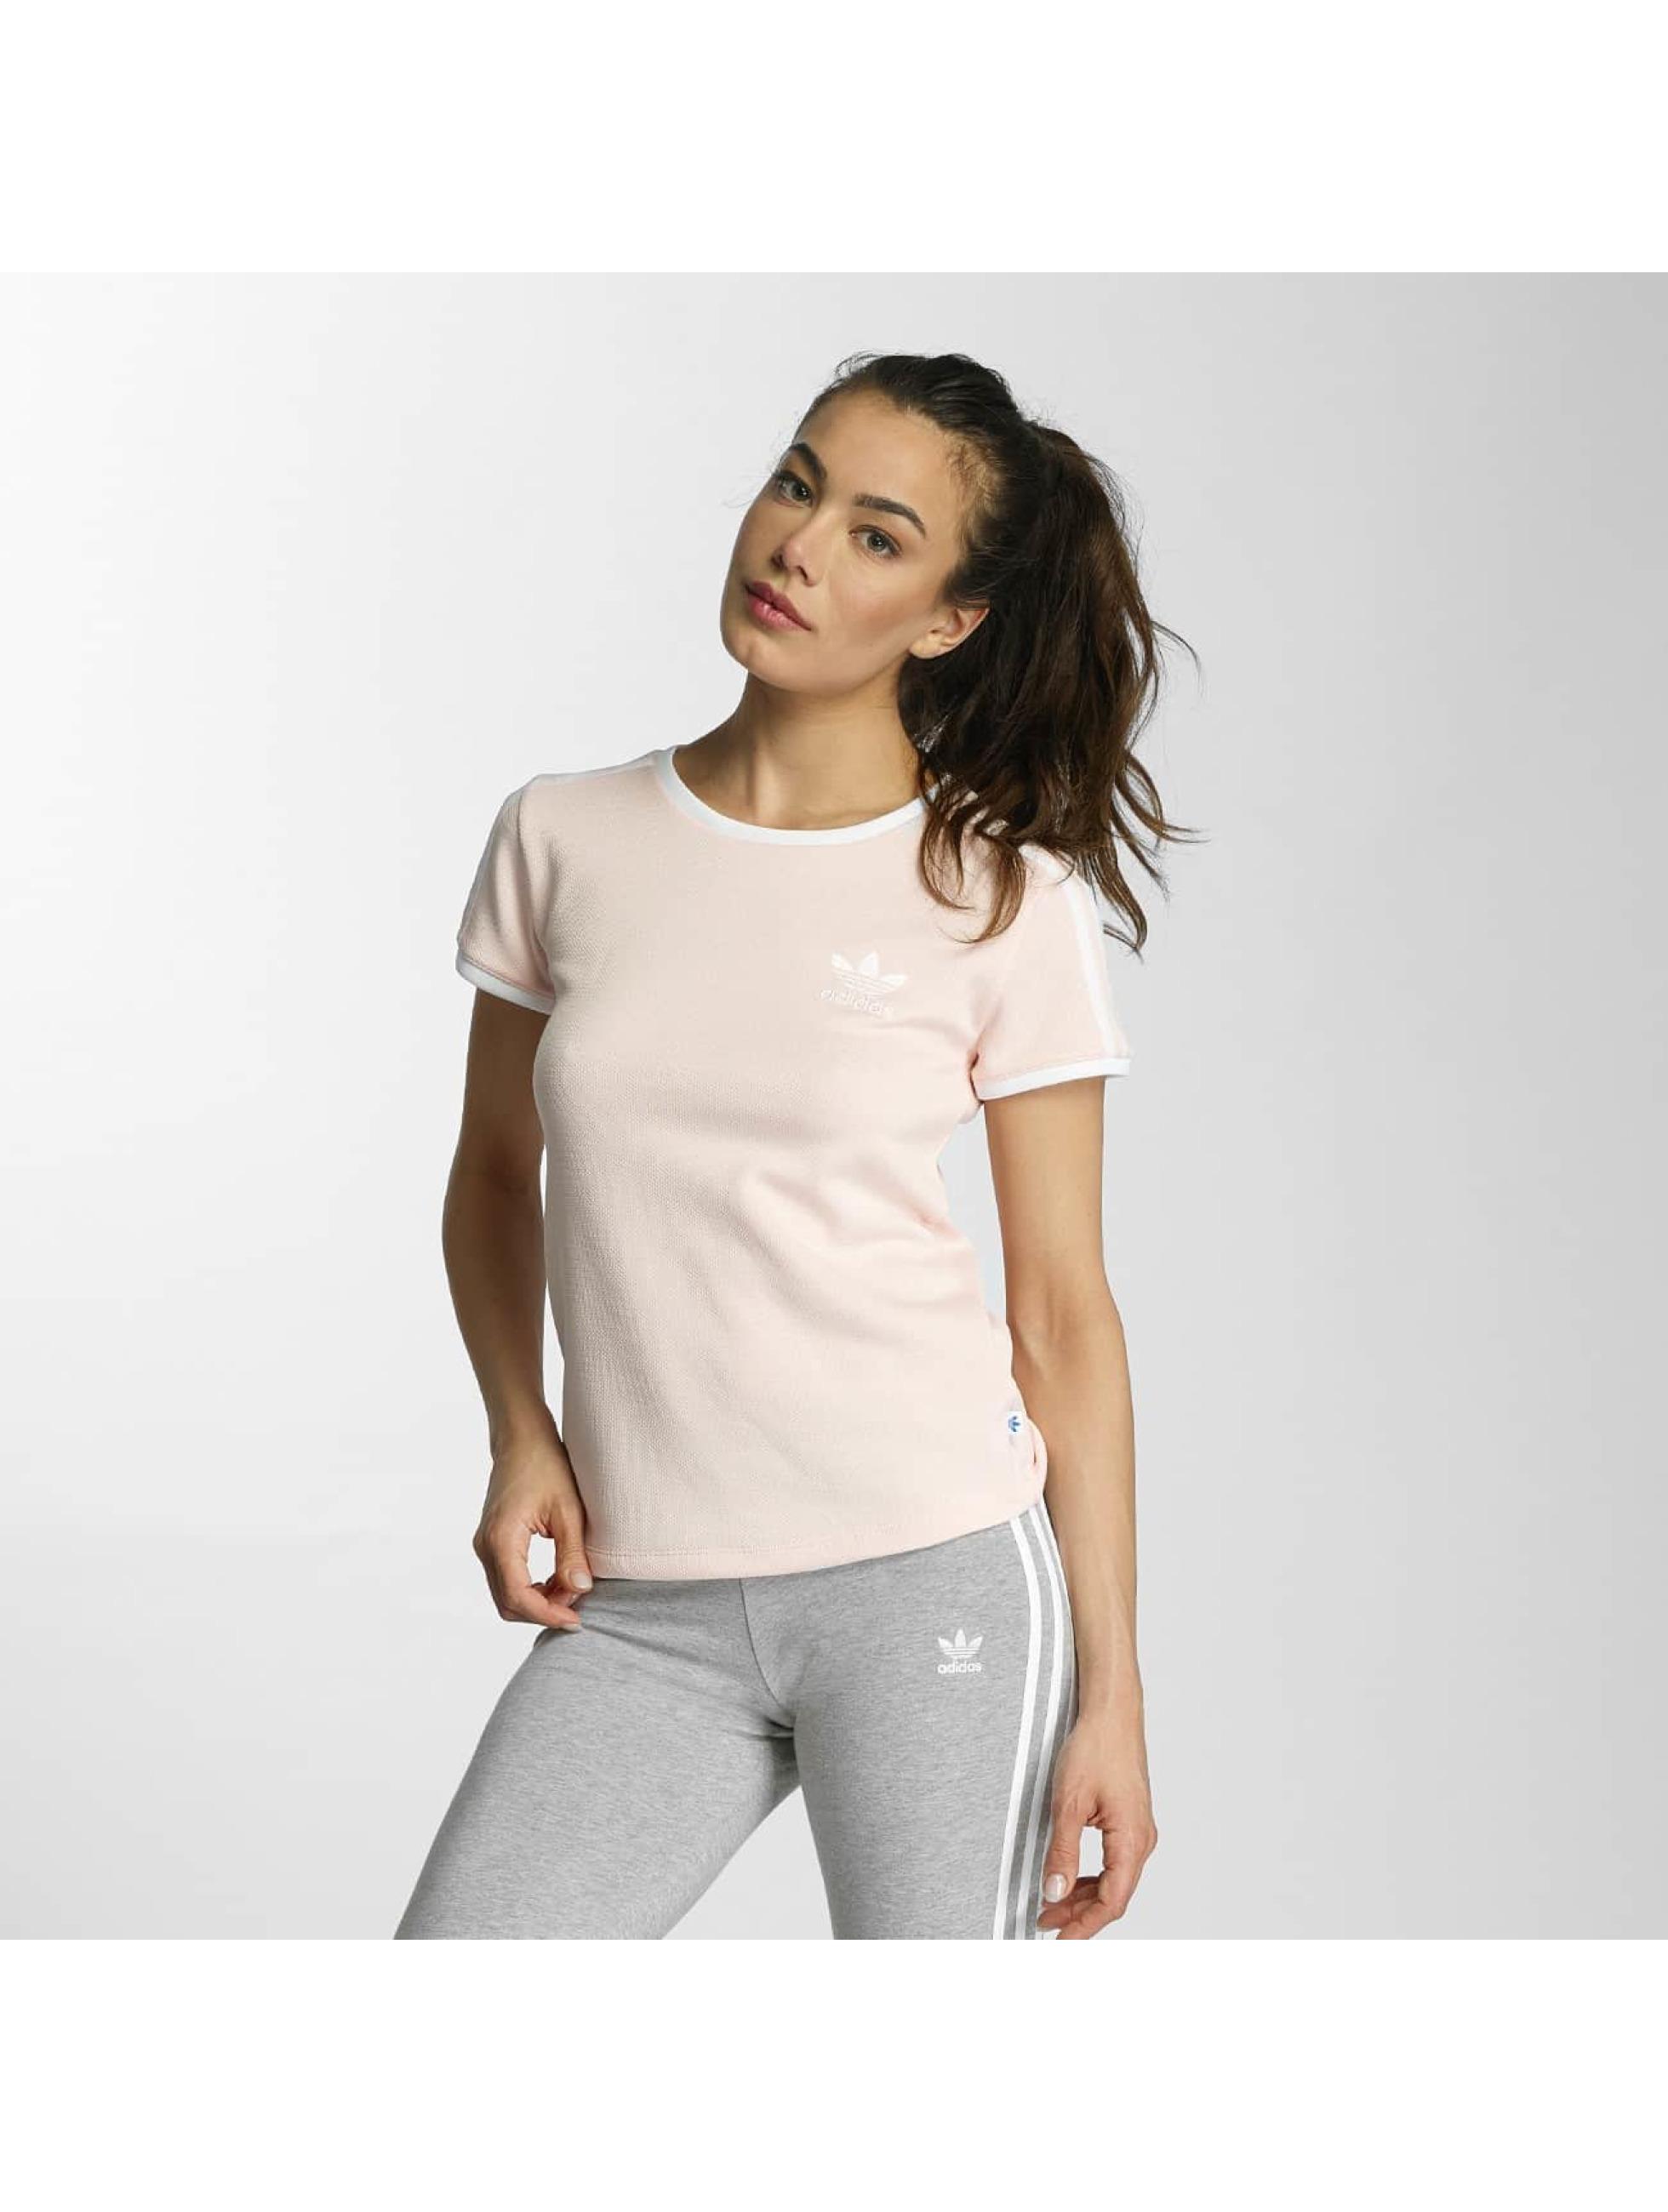 adidas originals T-Shirt Sandra 1977 rose